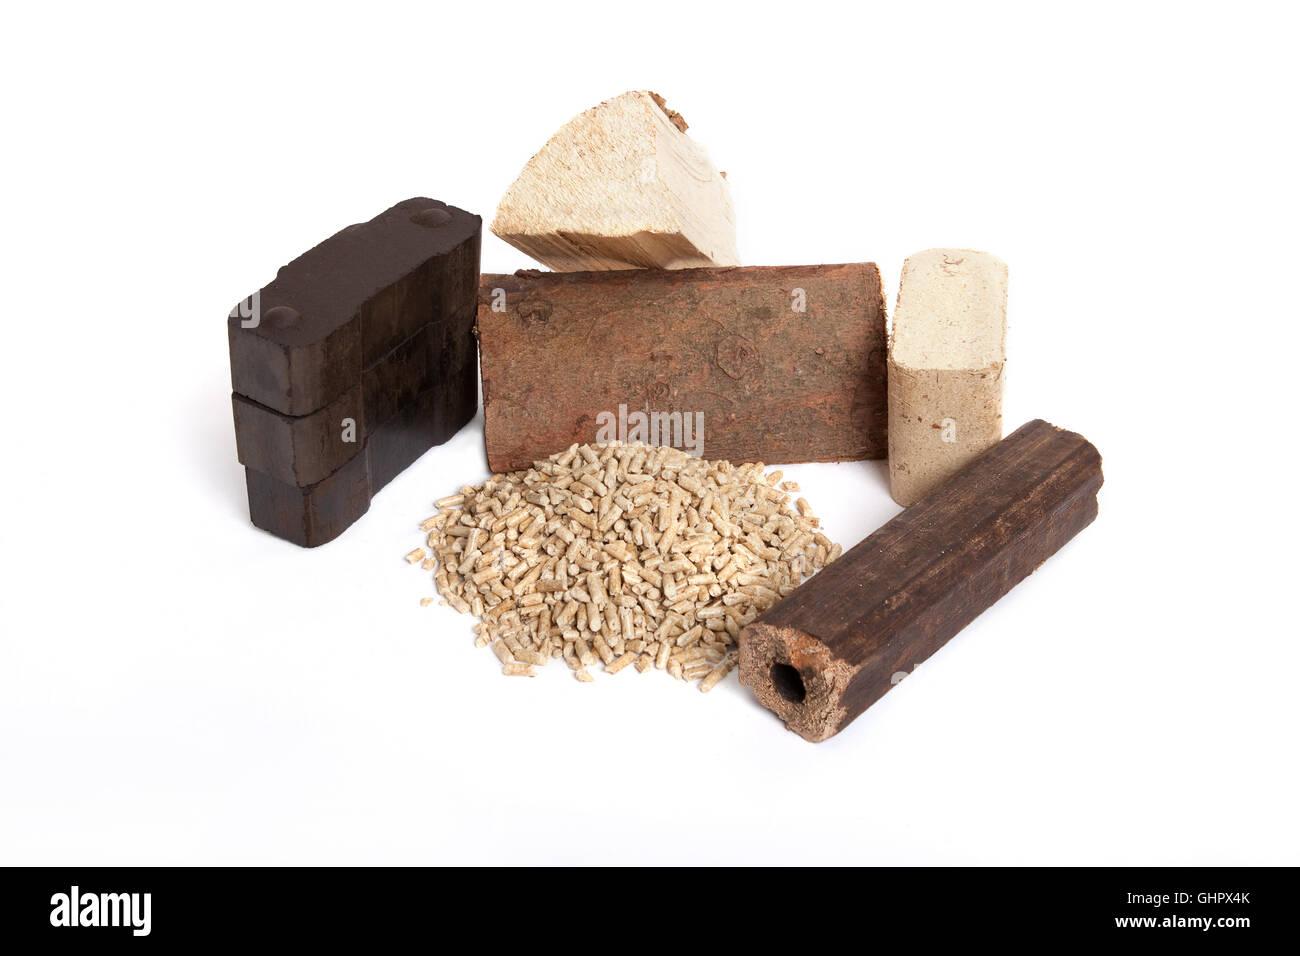 Diversi combustibili fossili su sfondo bianco, carbonio, ovenwood, pellet, bricchette Immagini Stock